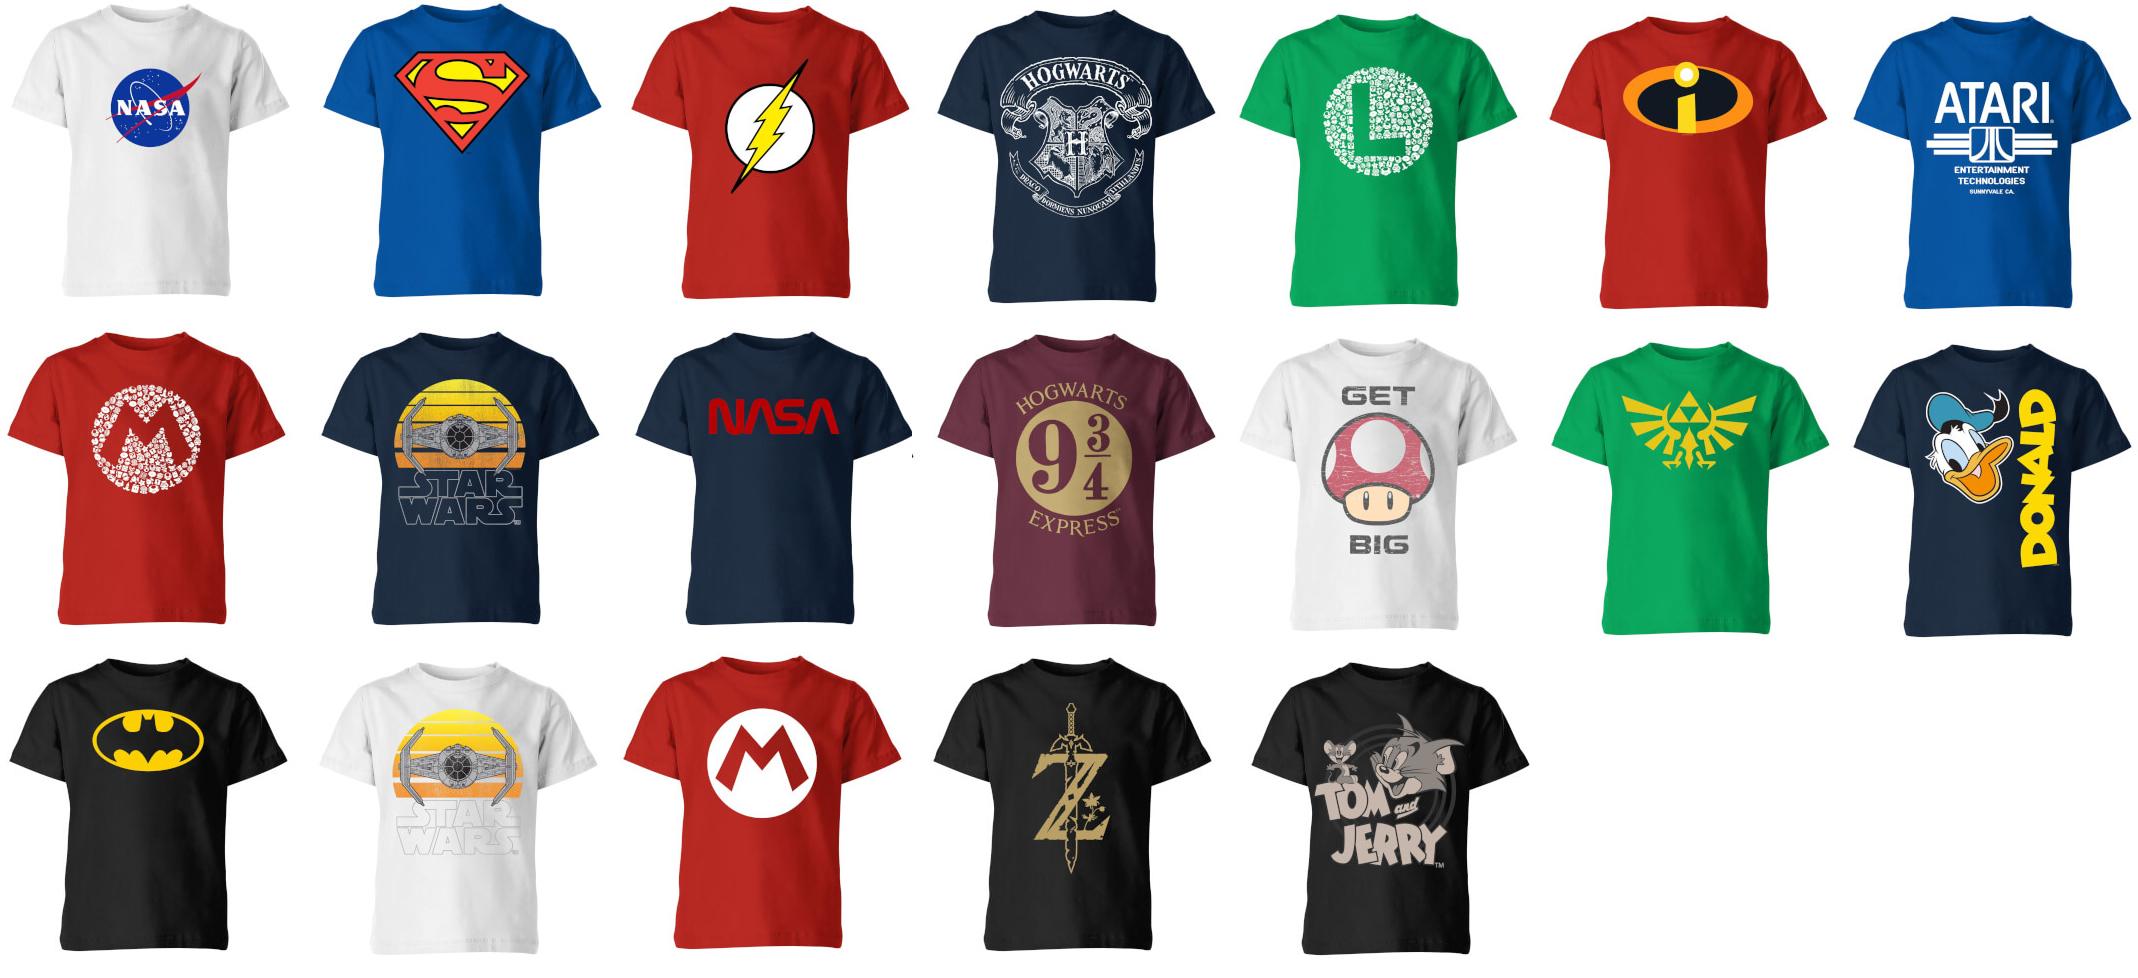 Kids merchandise t-shirts 2 stuks voor €12,99 (normale prijs tot €35,98) @ Zavvi